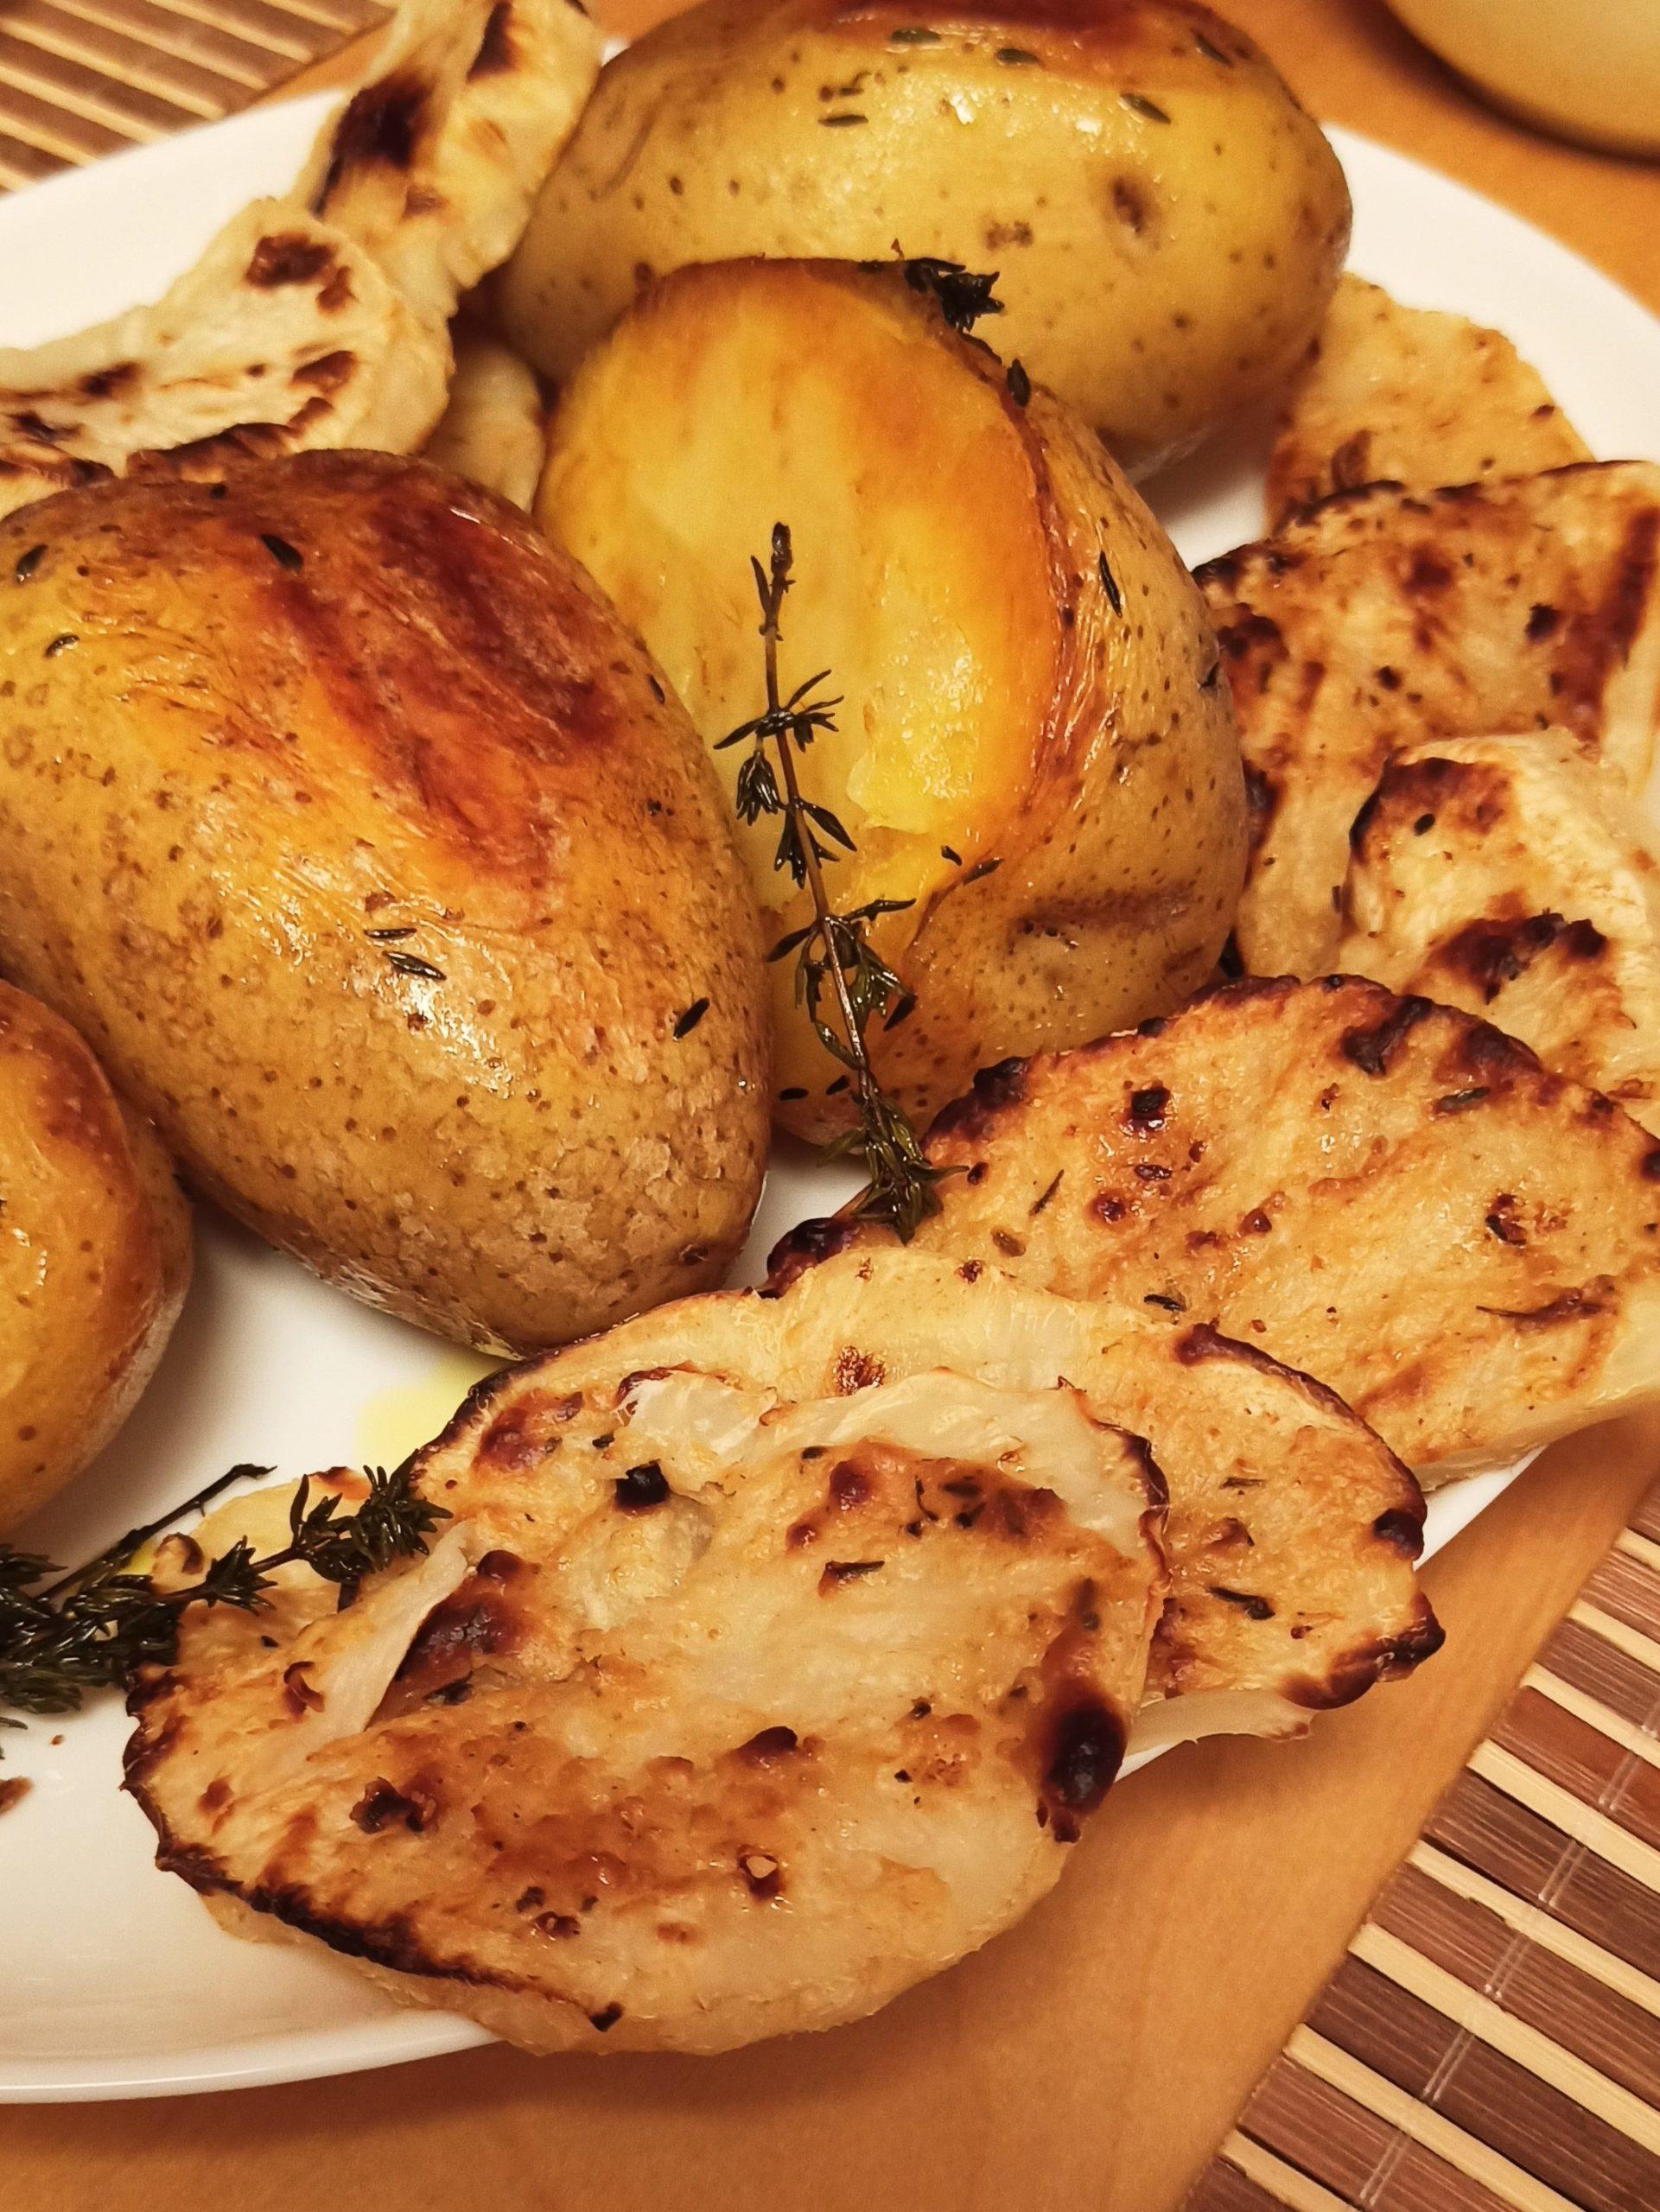 Ofenkartoffel mit geröstetem Sellerie und Thymian